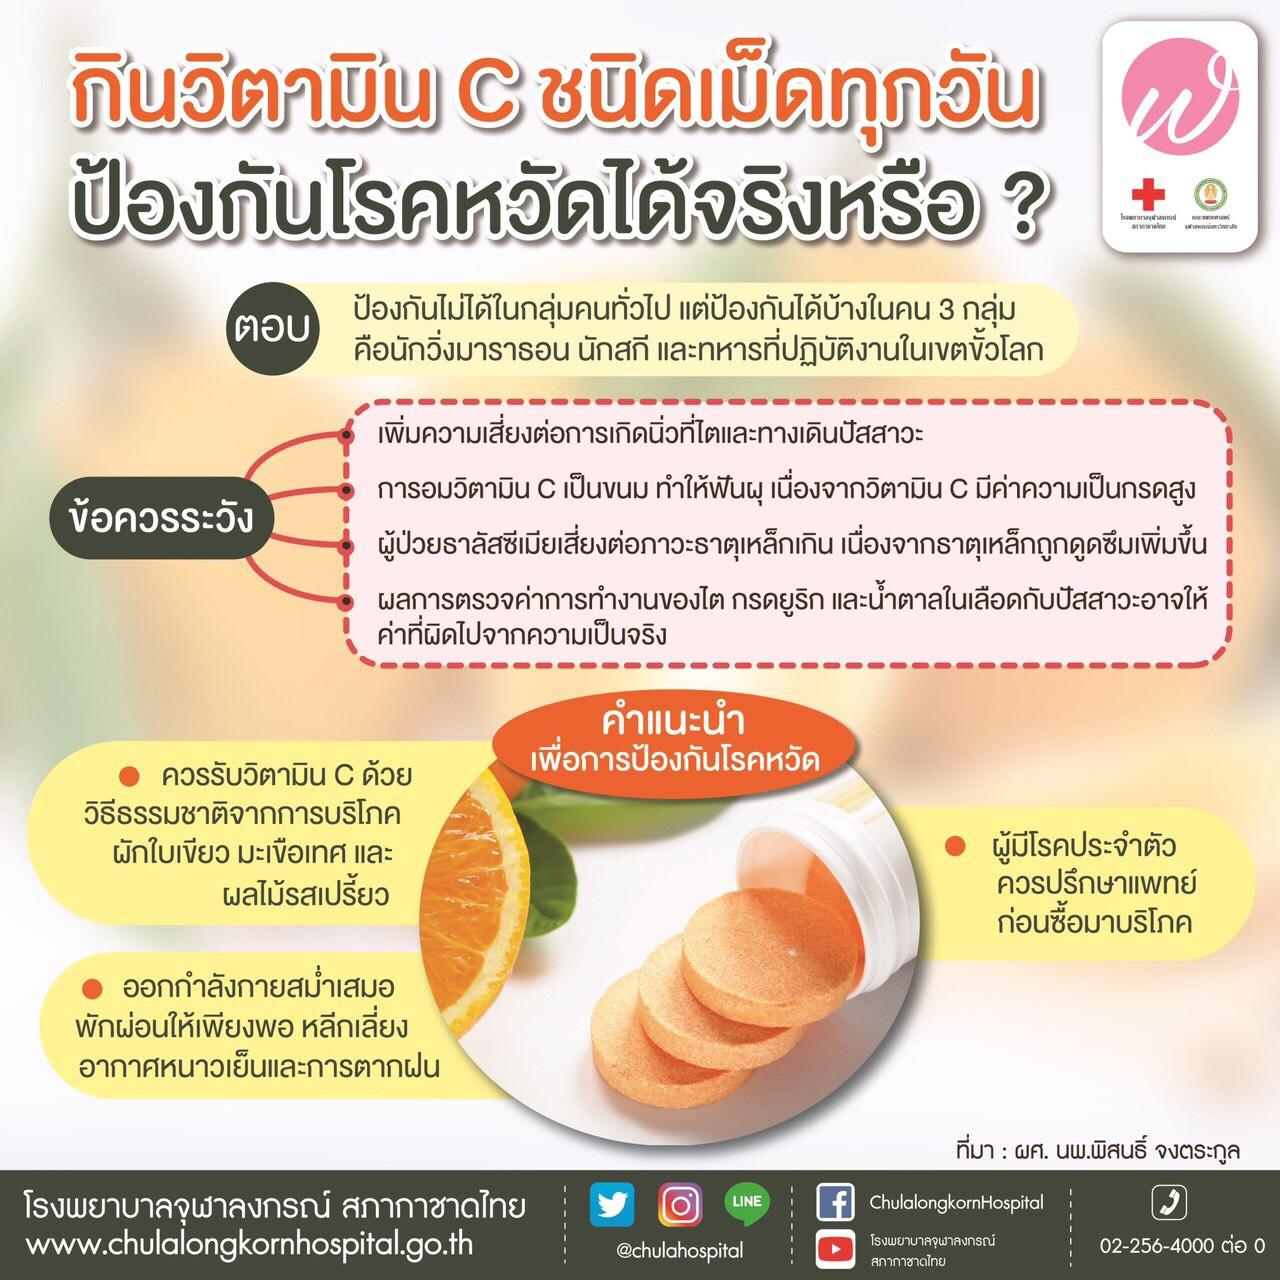 กินวิตามิน C ชนิดเม็ดทุกวัน ป้องกันโรคหวัดได้จริงหรือ ?